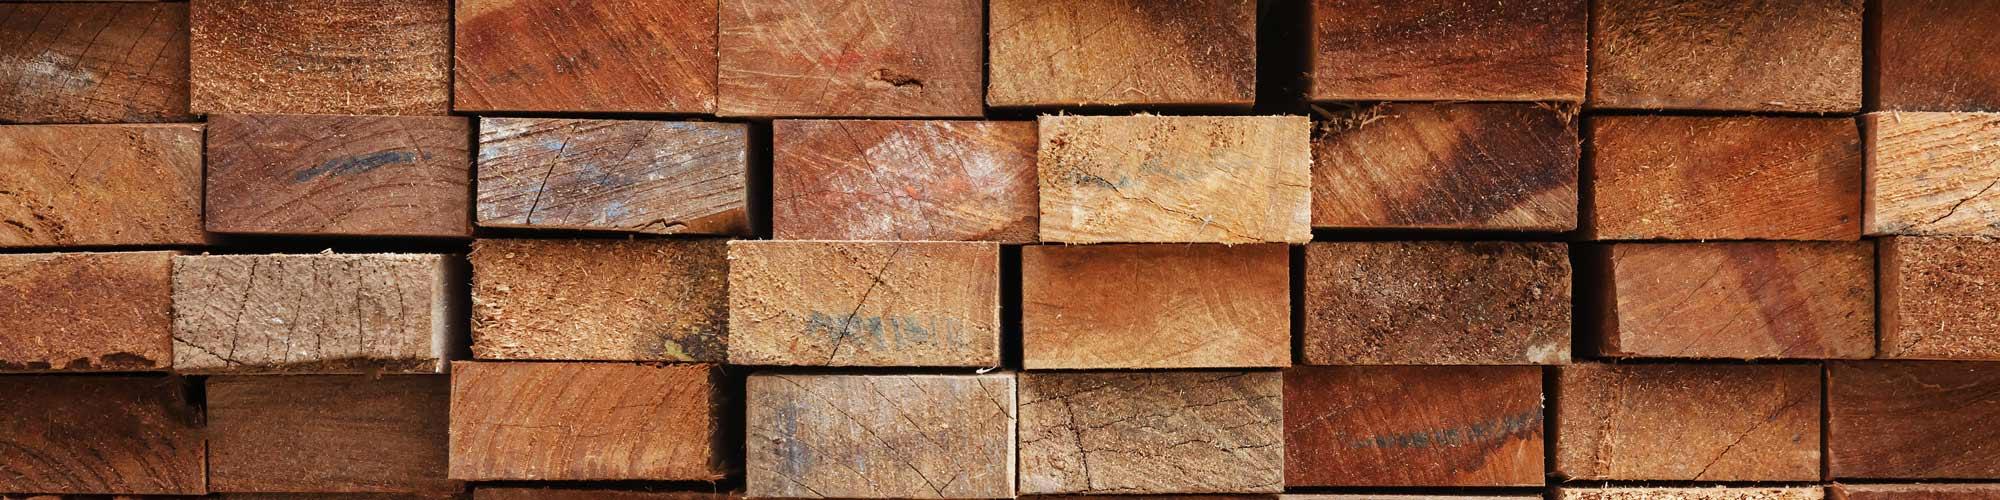 Timber slider